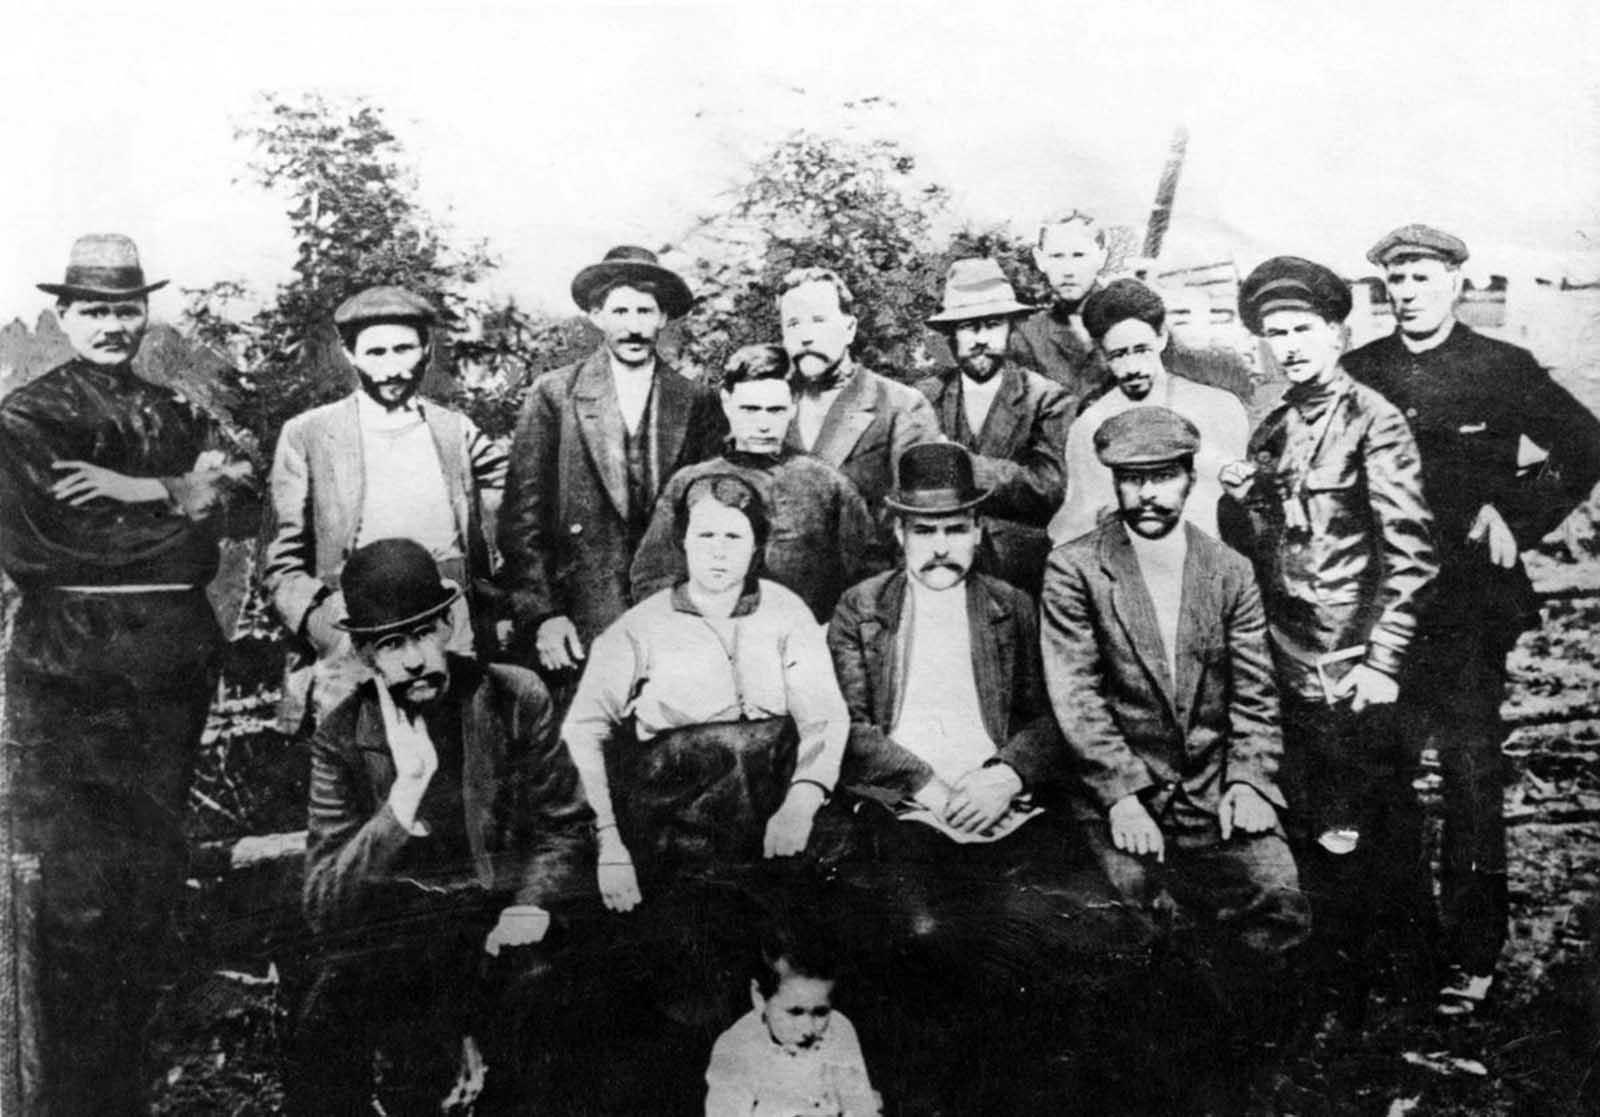 Groupe de bolcheviks à Touroukhansk, en 1915. Staline est le 3e en partant de la droite, sur la seconde rangée.